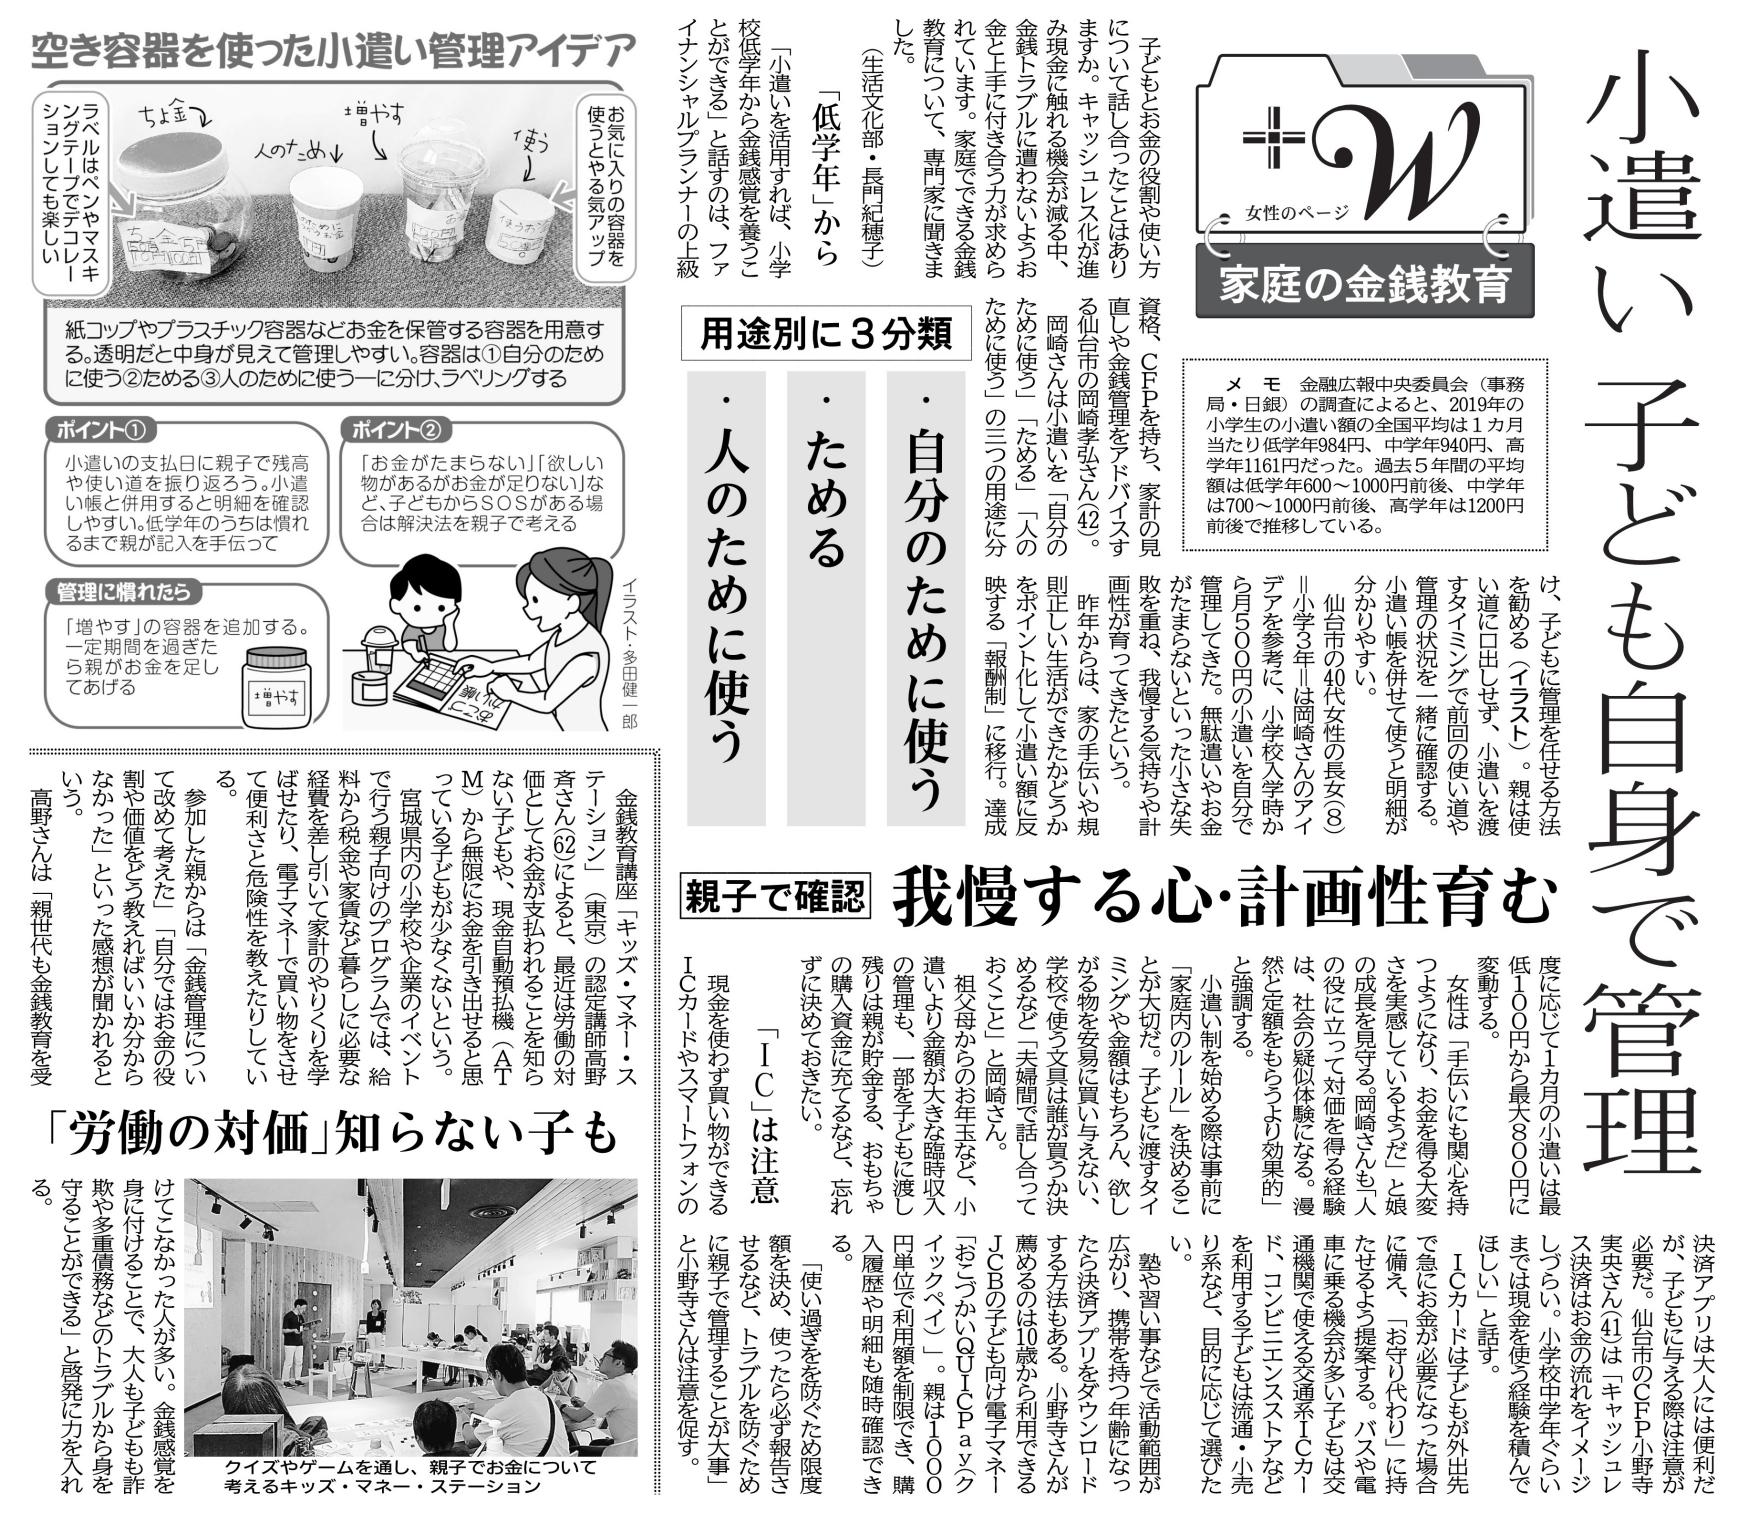 2020年9月12日付河北新報朝刊